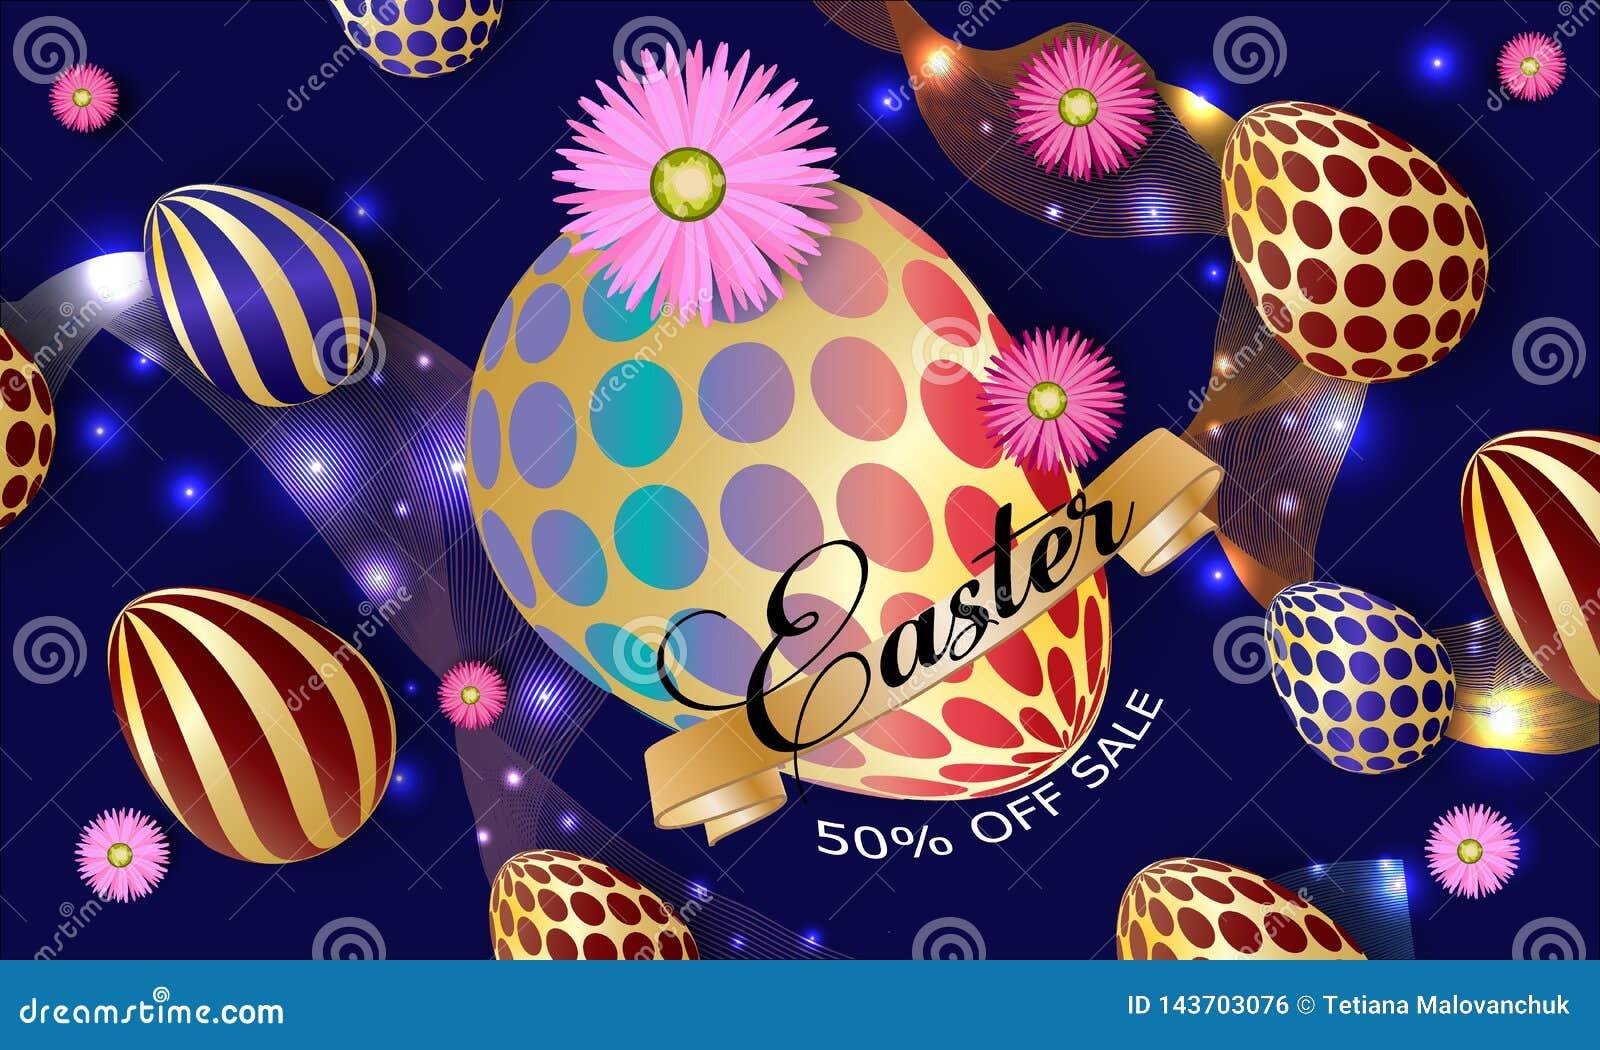 De kaart van de groet Gelukkig Pasen-malplaatje als achtergrond met l-bloemen en paaseieren Vectorillustratie - Beelden vectoriel